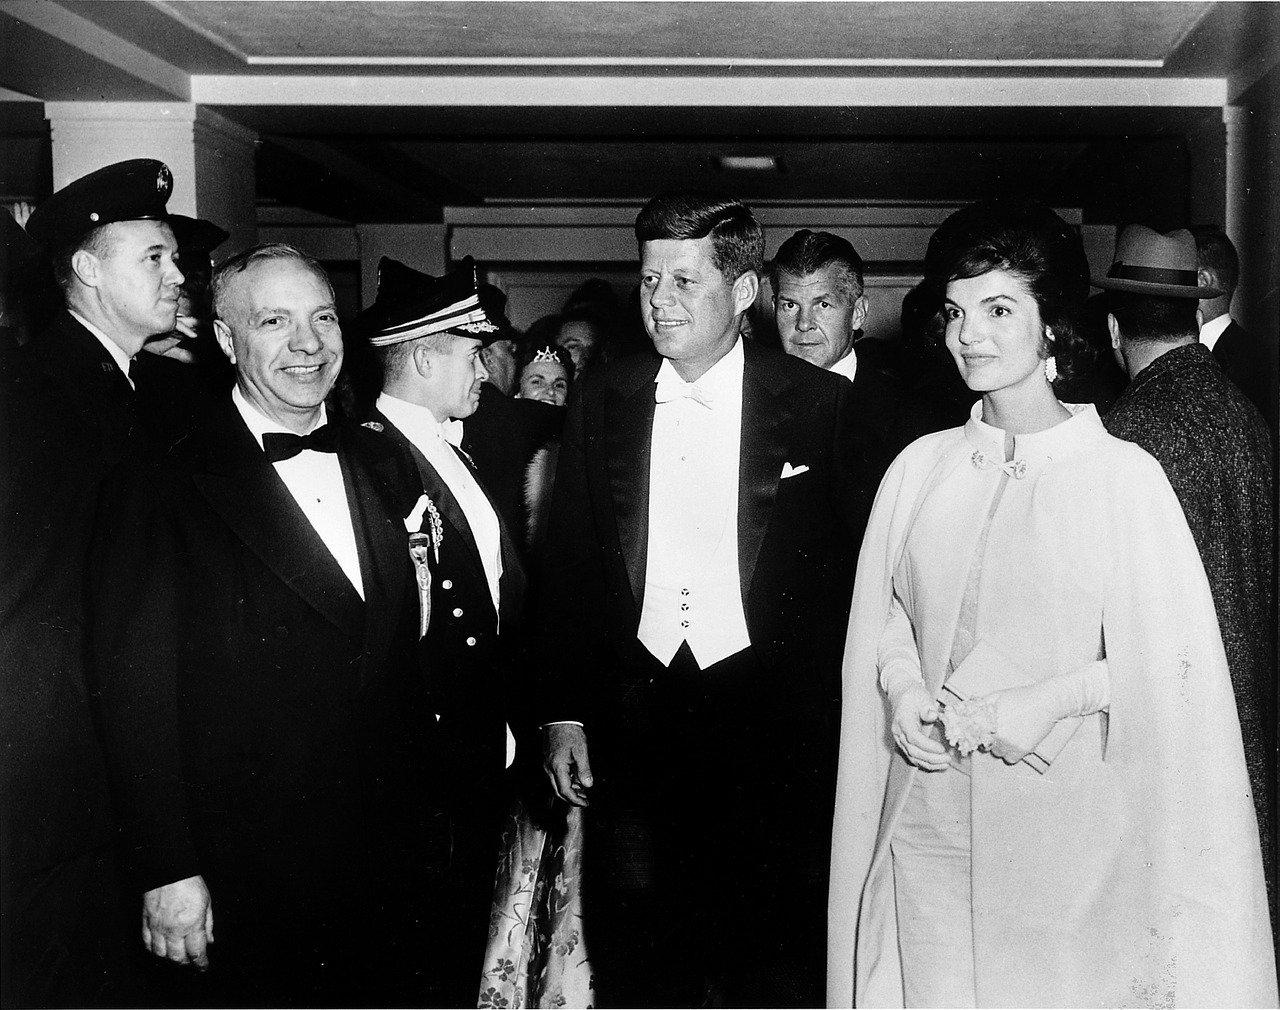 Jacqueline Kennedy chi era